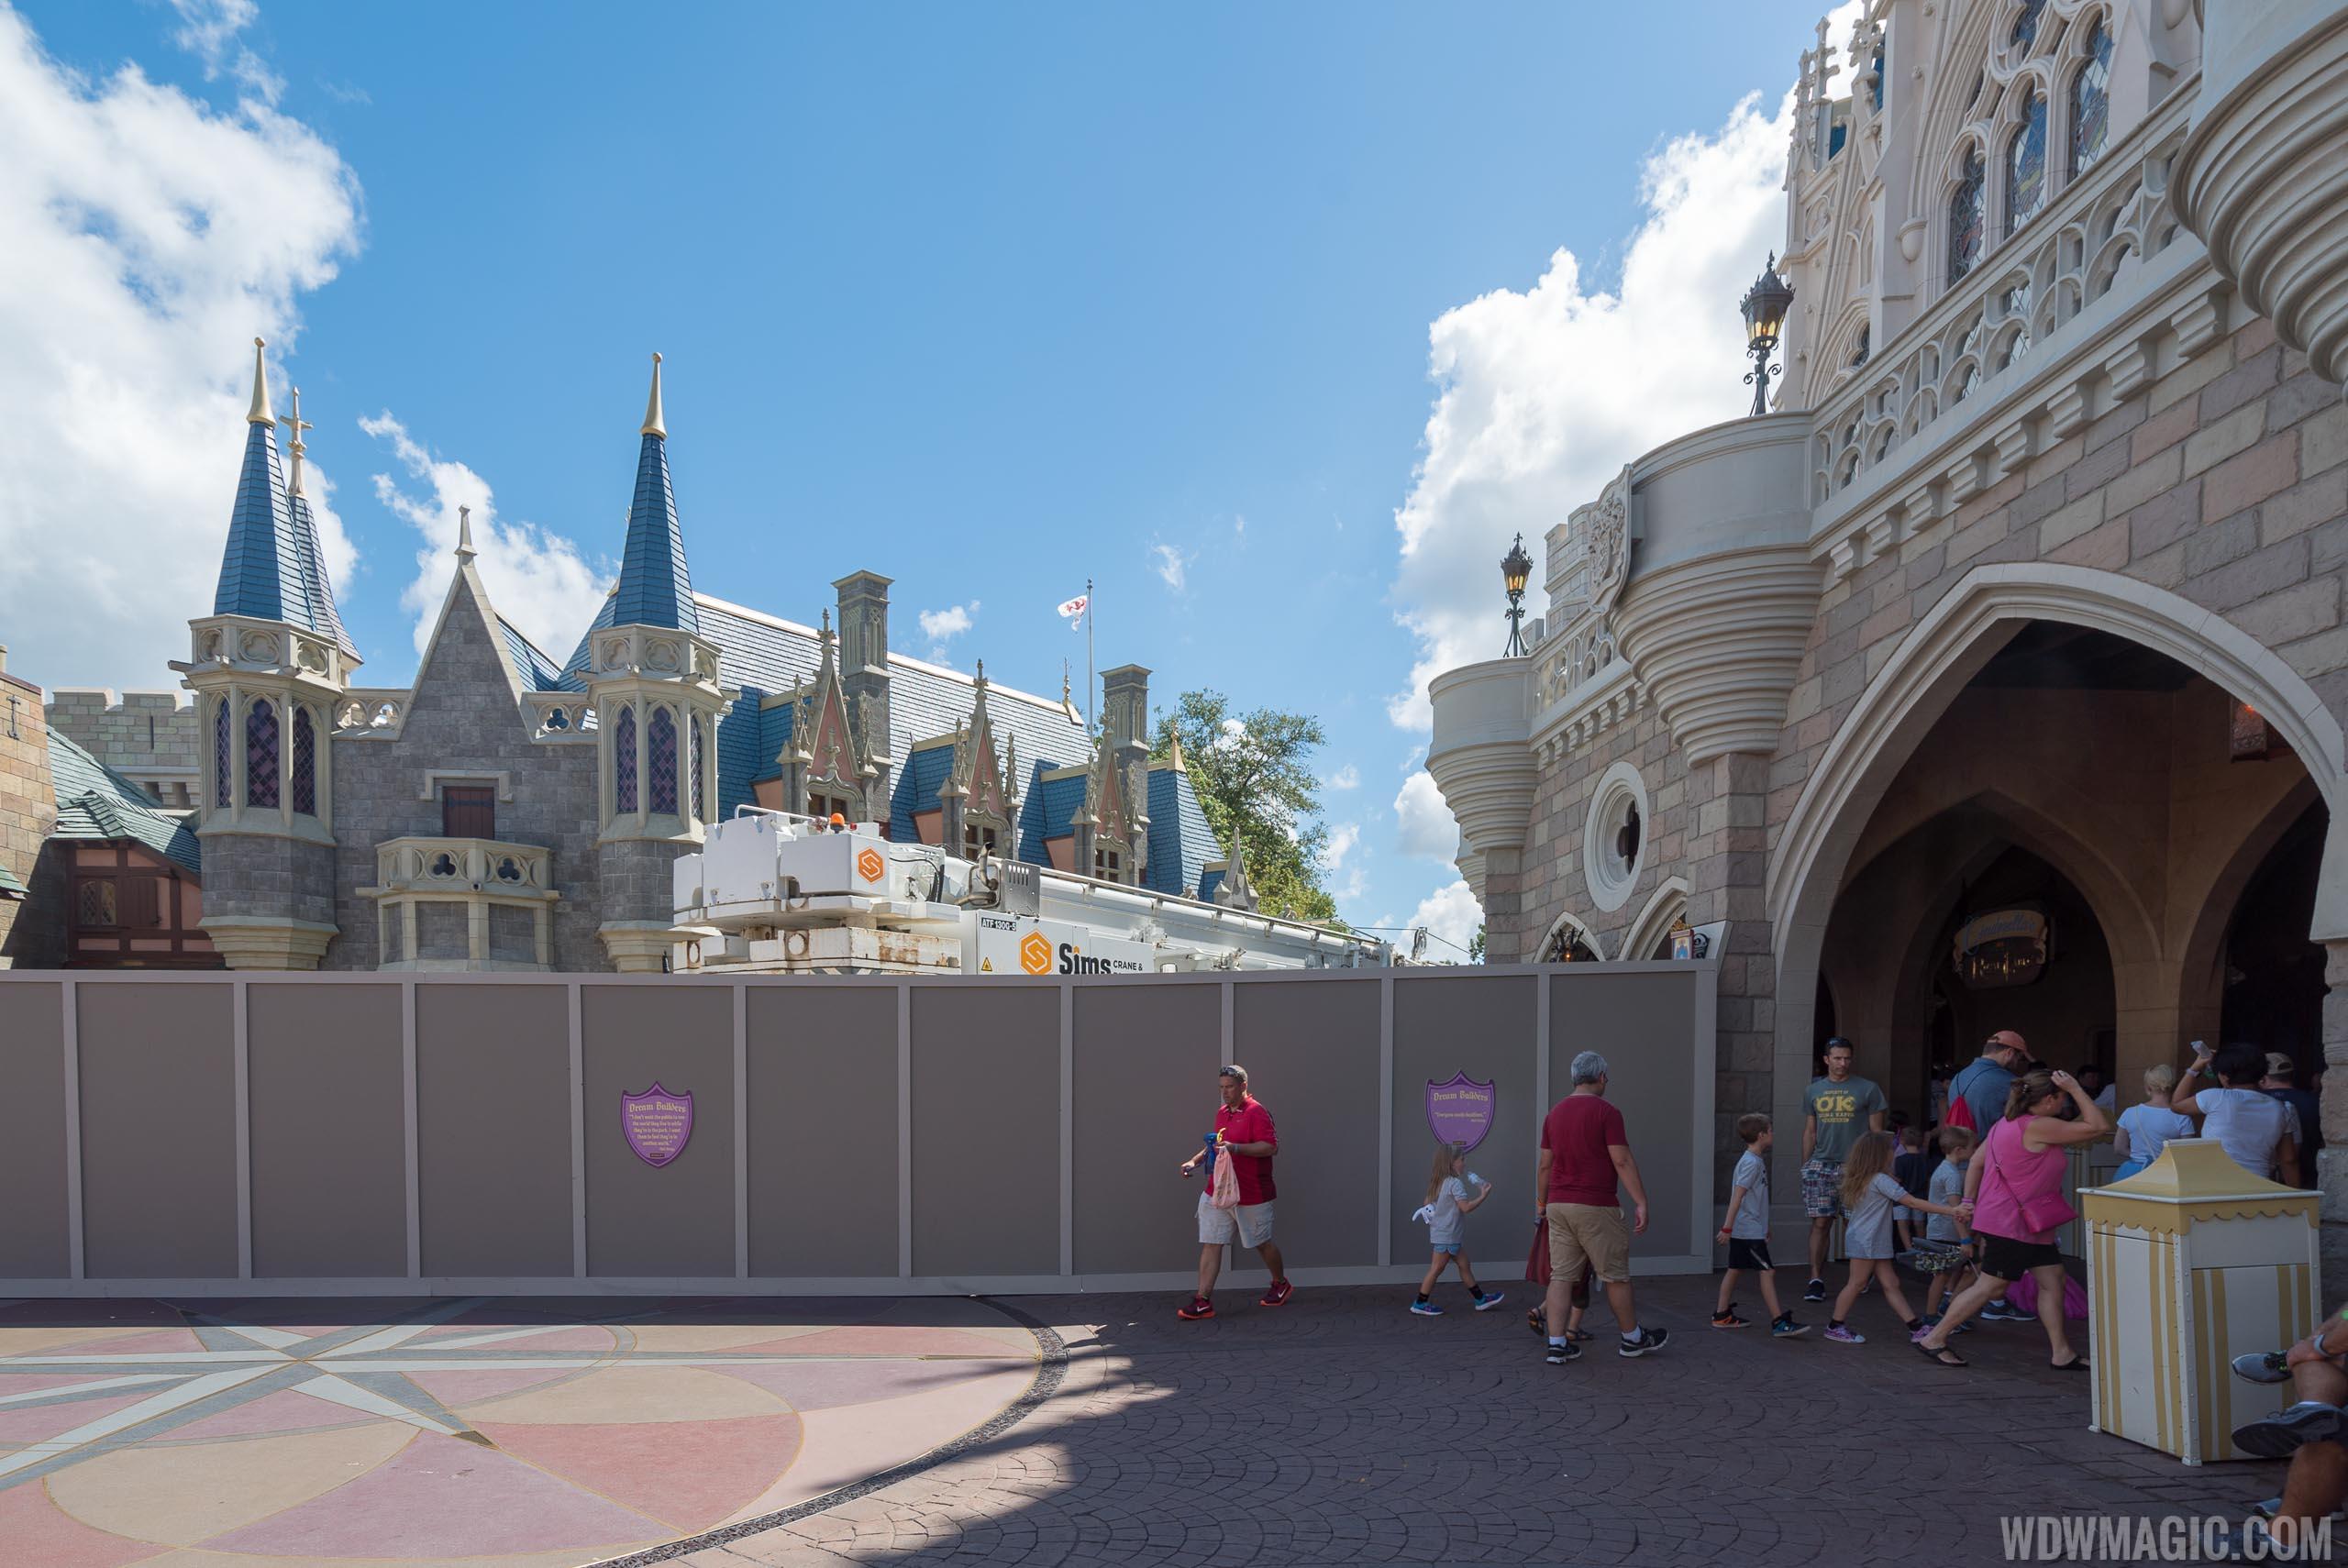 Castle Dreamlights installation 2018